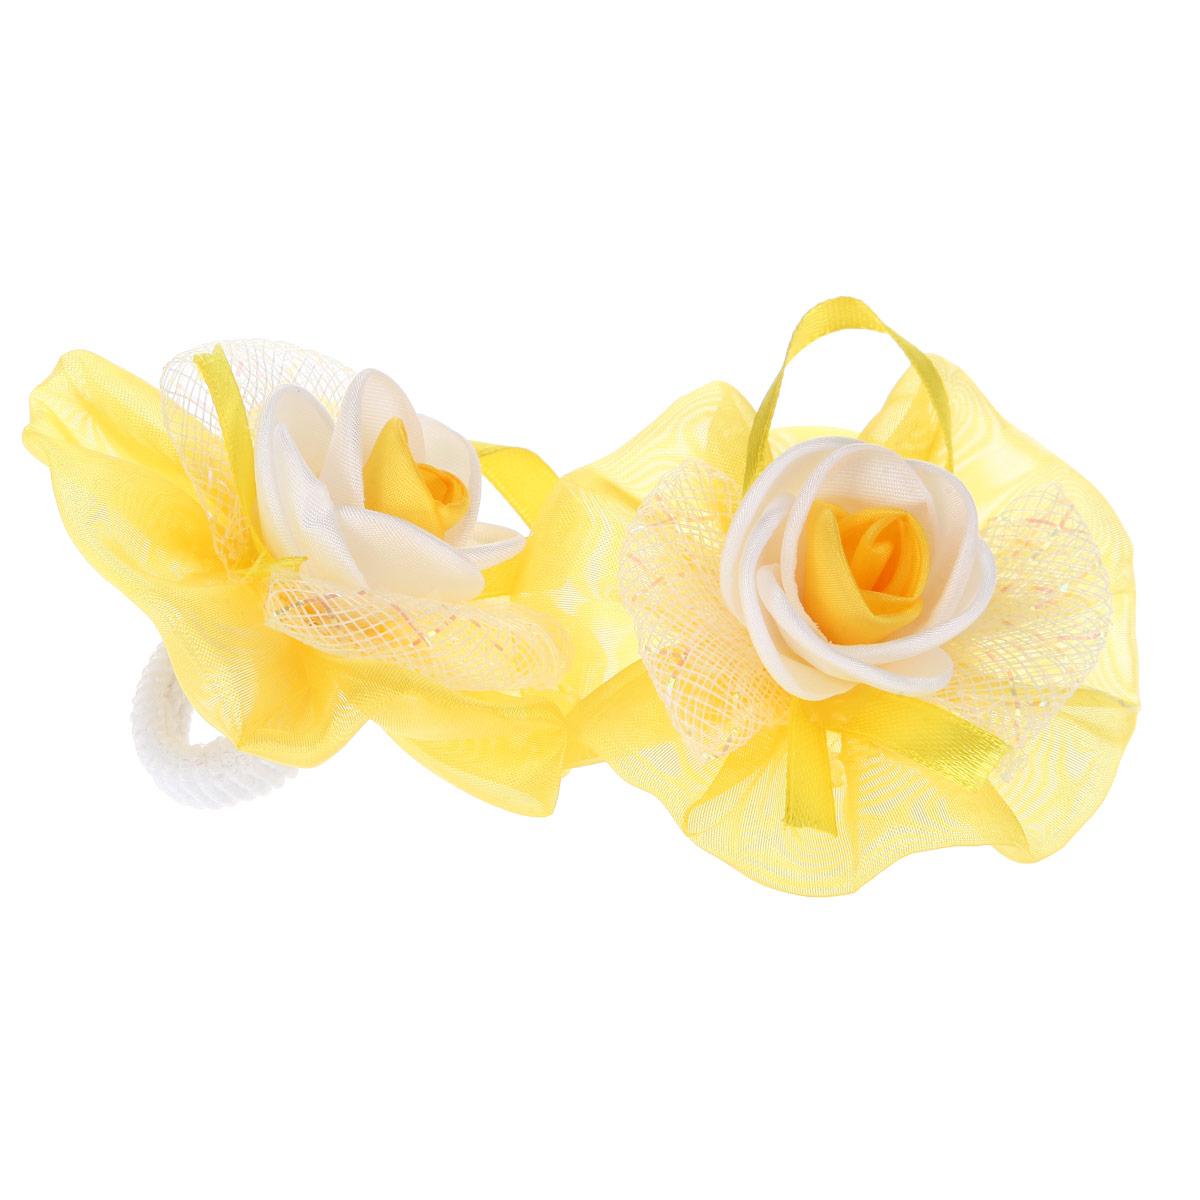 Набор резинок для волос 'Baby's Joy', цвет: желтый, белый, 2 шт. AL 970